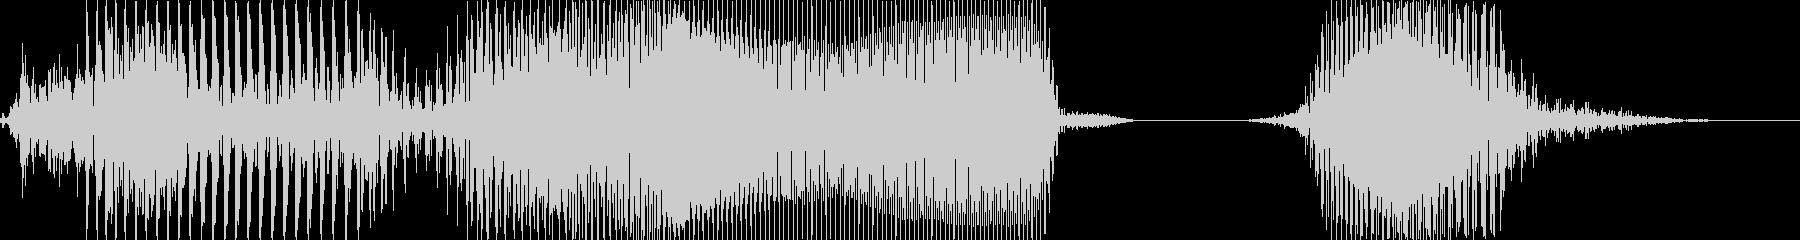 パワーアップ!の未再生の波形